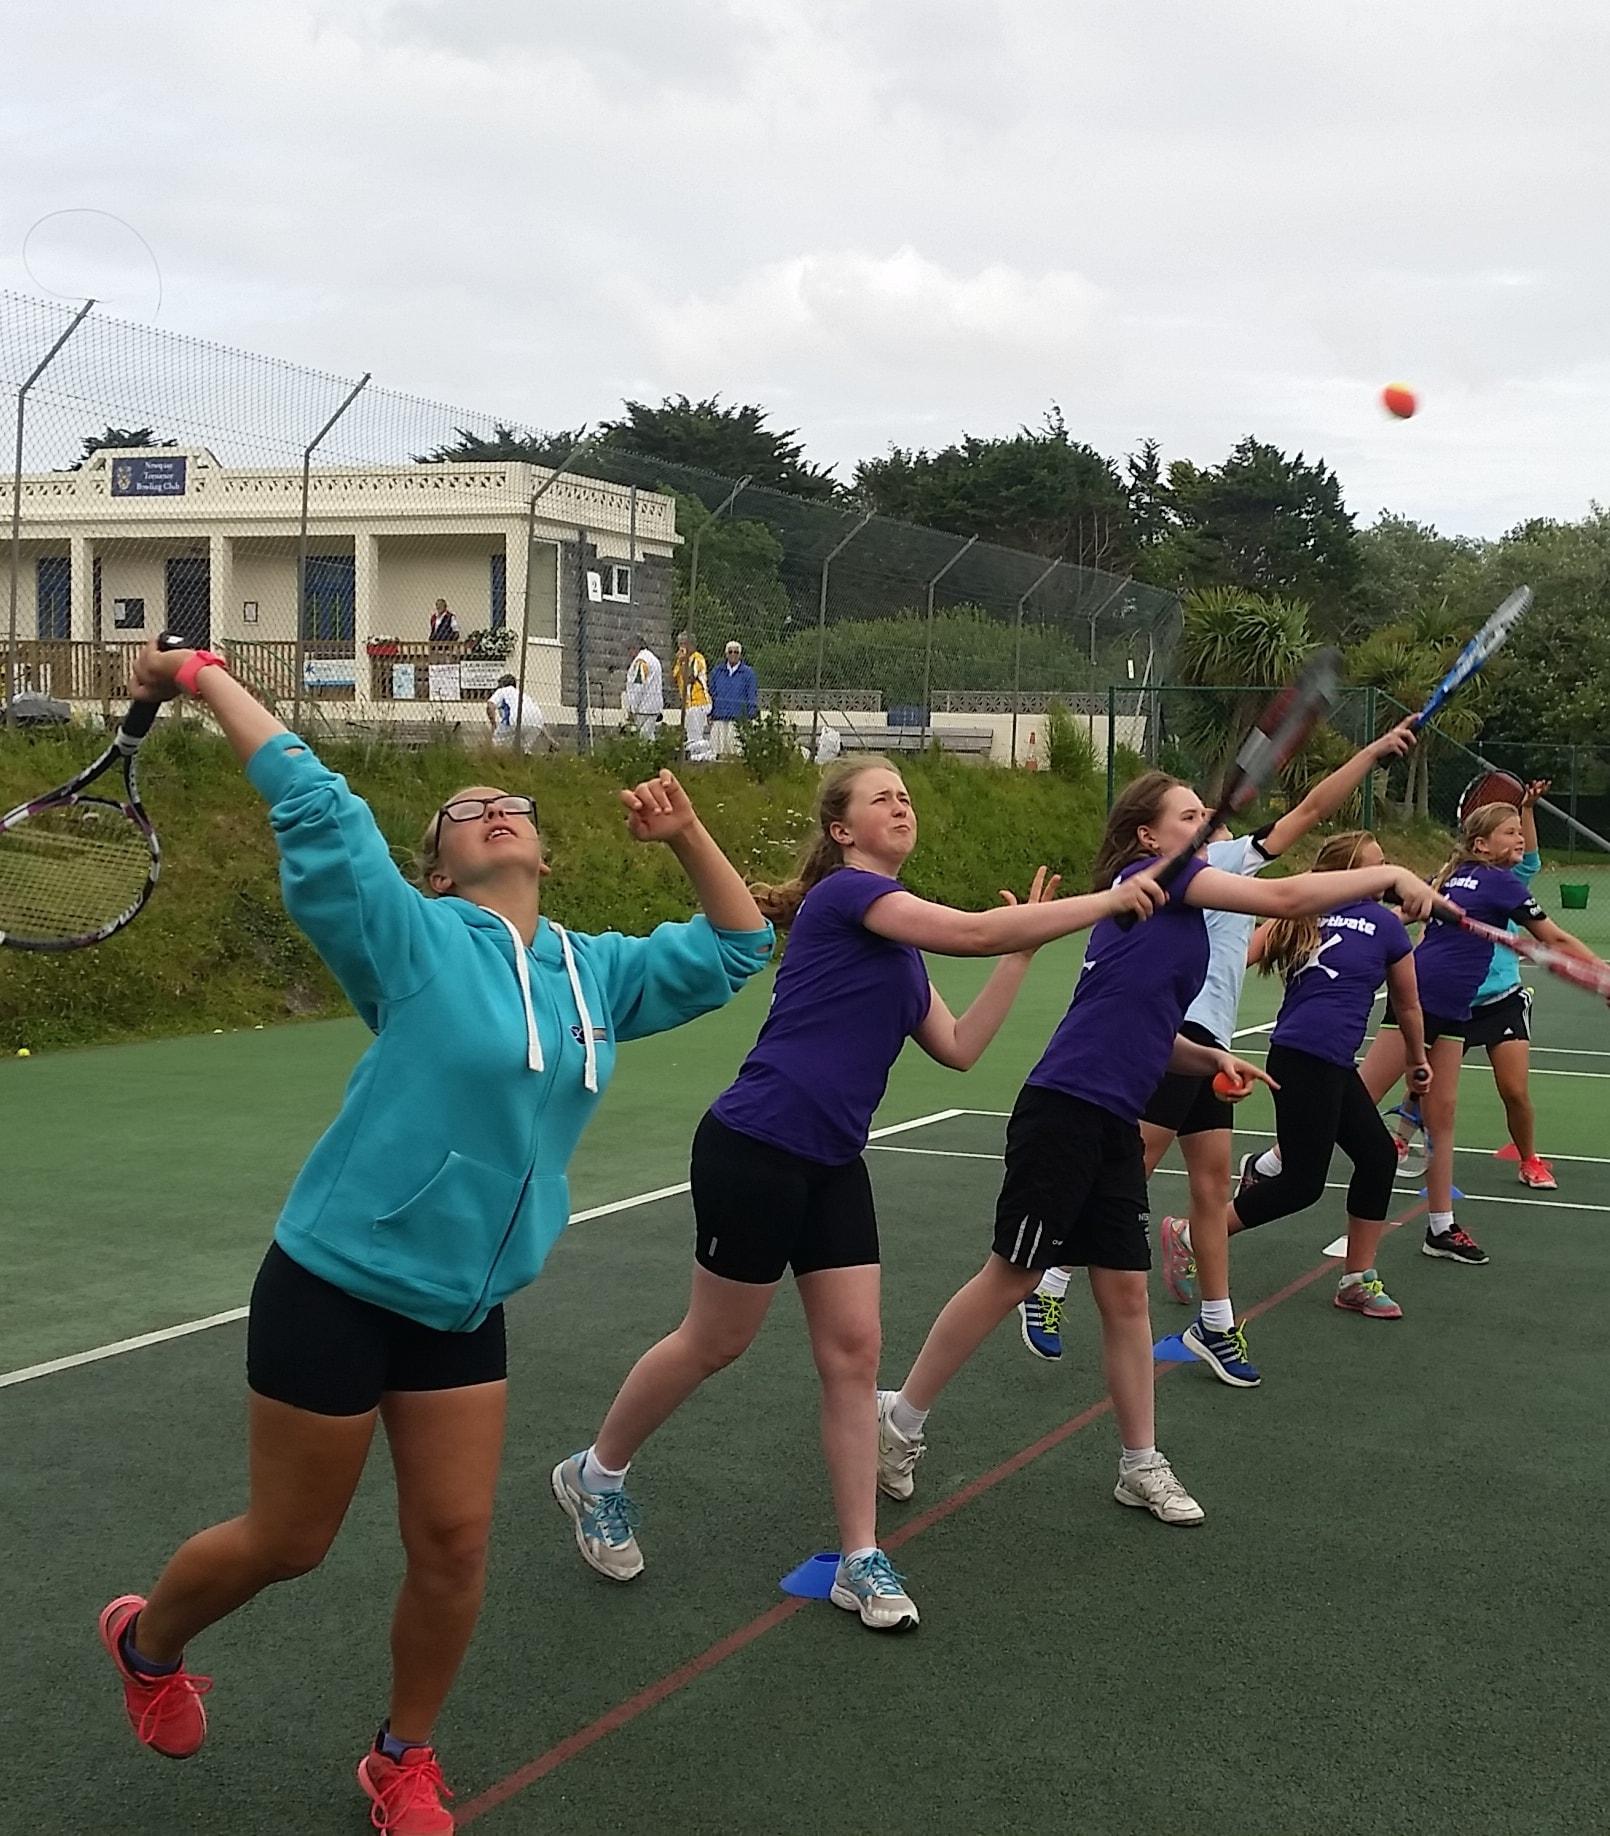 girls playing tennis